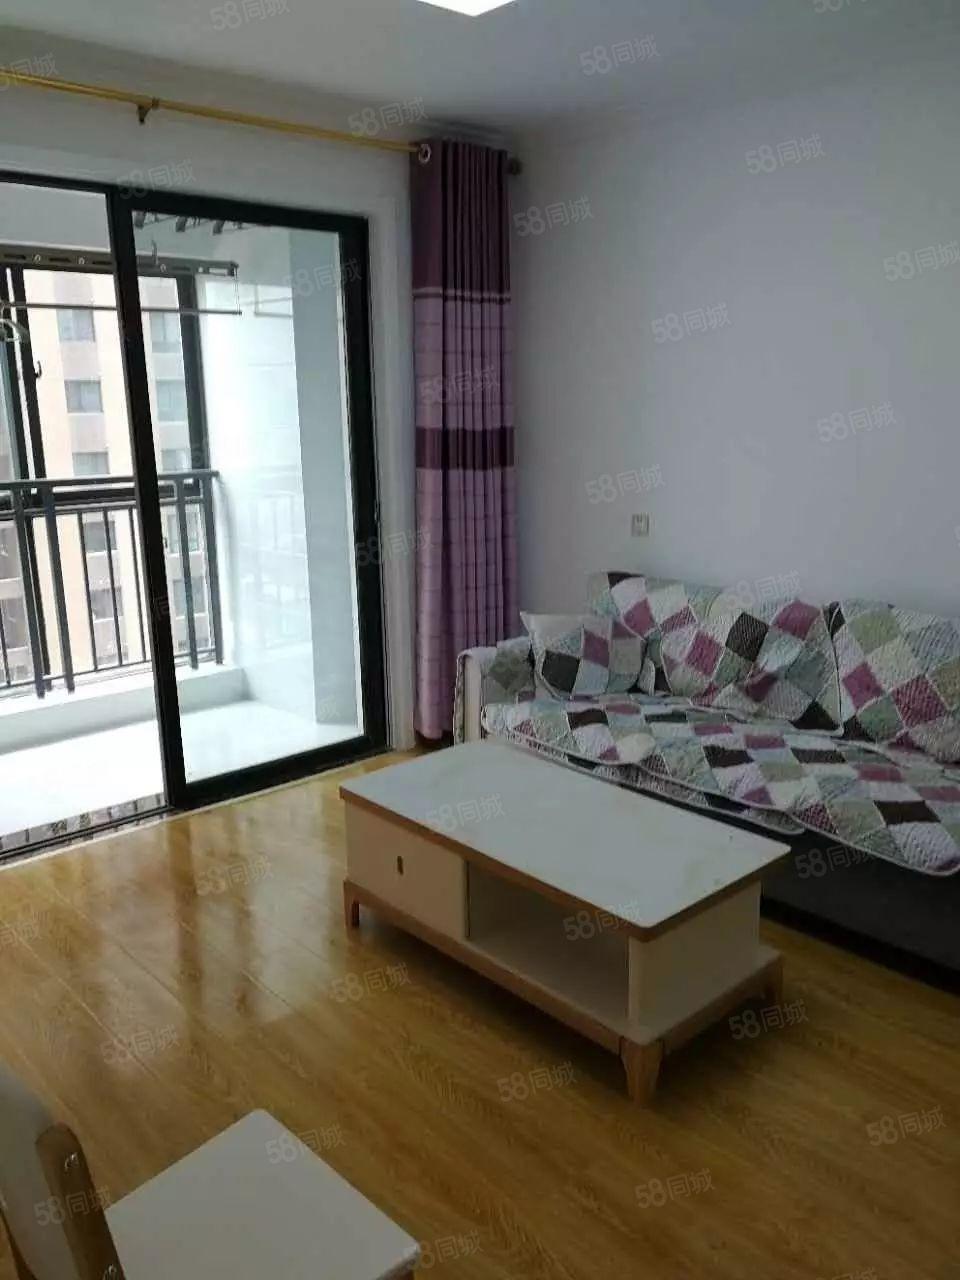 公园道一号南苑精装三房配置全齐环境优美房间干净整洁